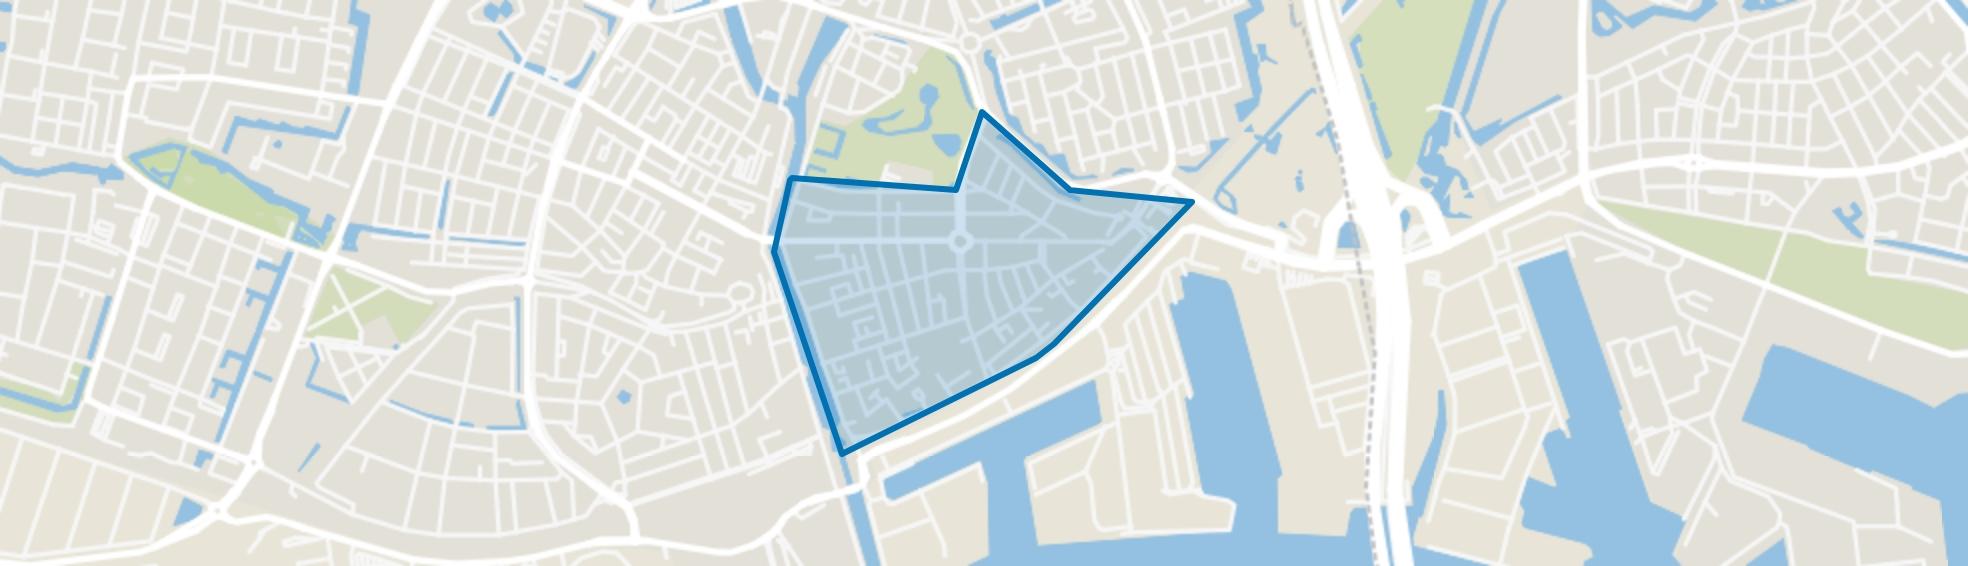 Oostbuurt, Vlaardingen map